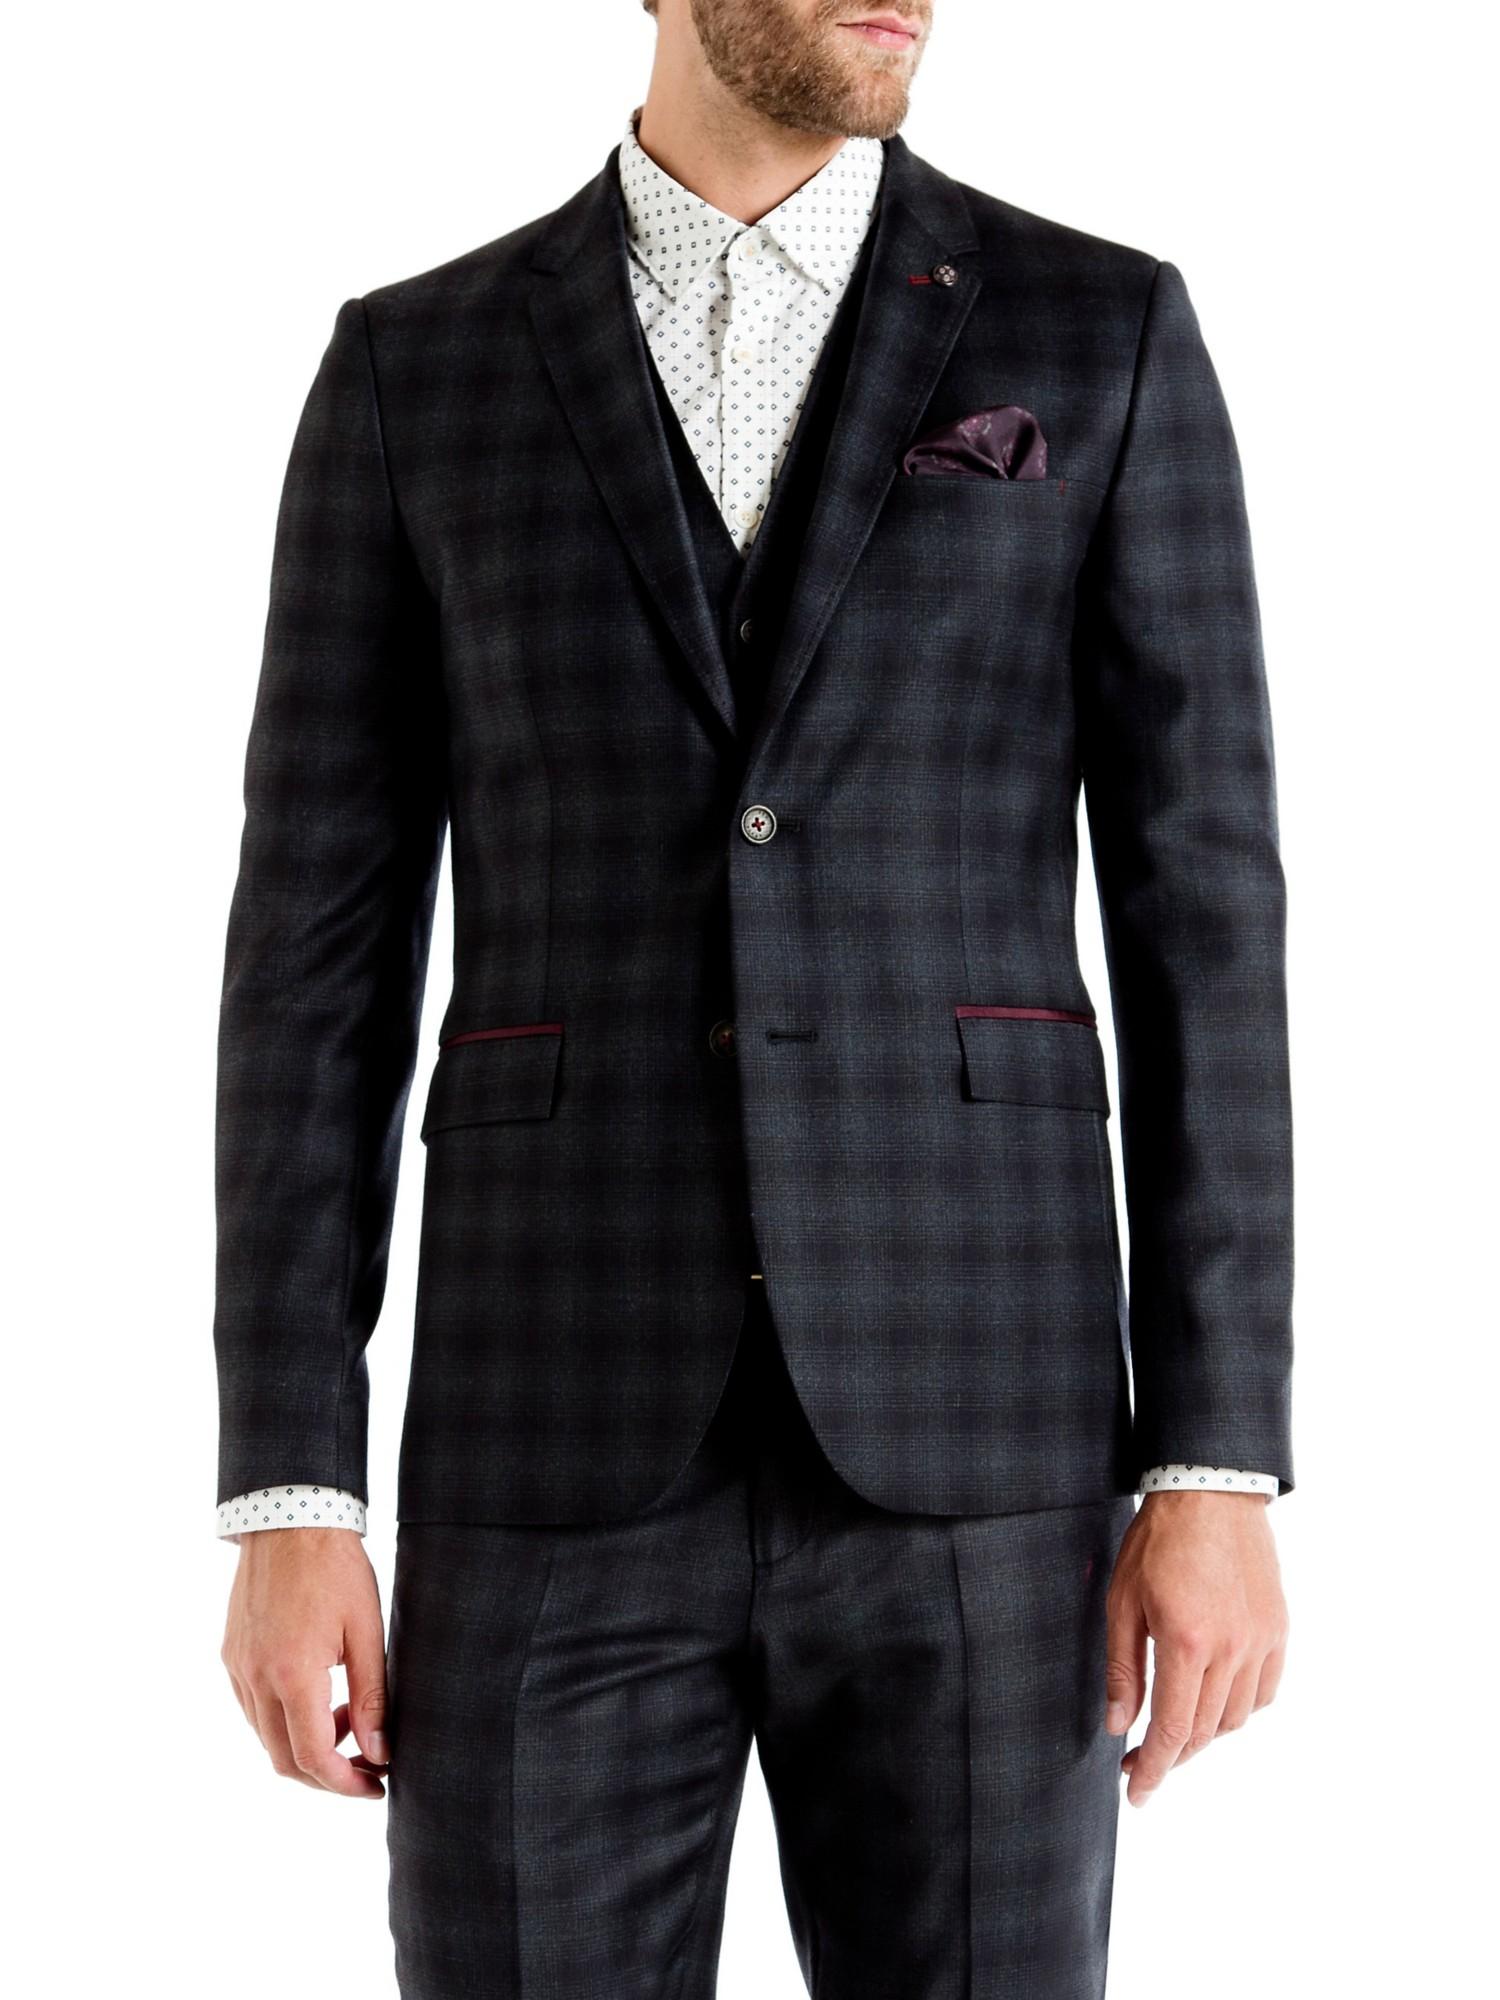 Hugo Boss Men Suit Images Grey Suits